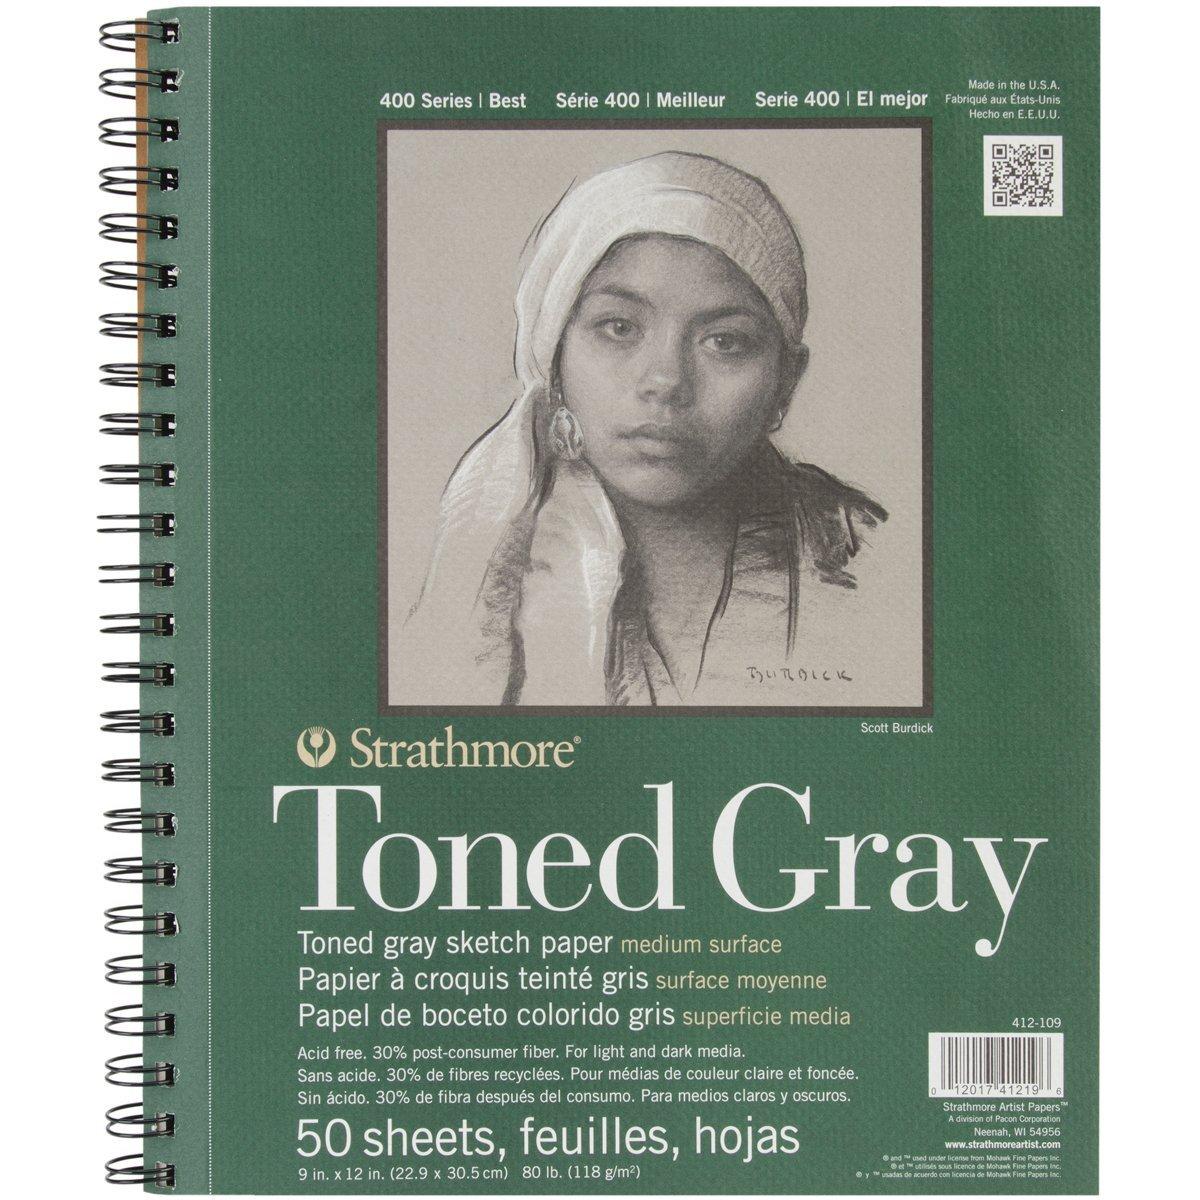 Strathmore Toned Gray - Croquera 22,9 x 30,5 cm 118 gr/m2 50 hojas